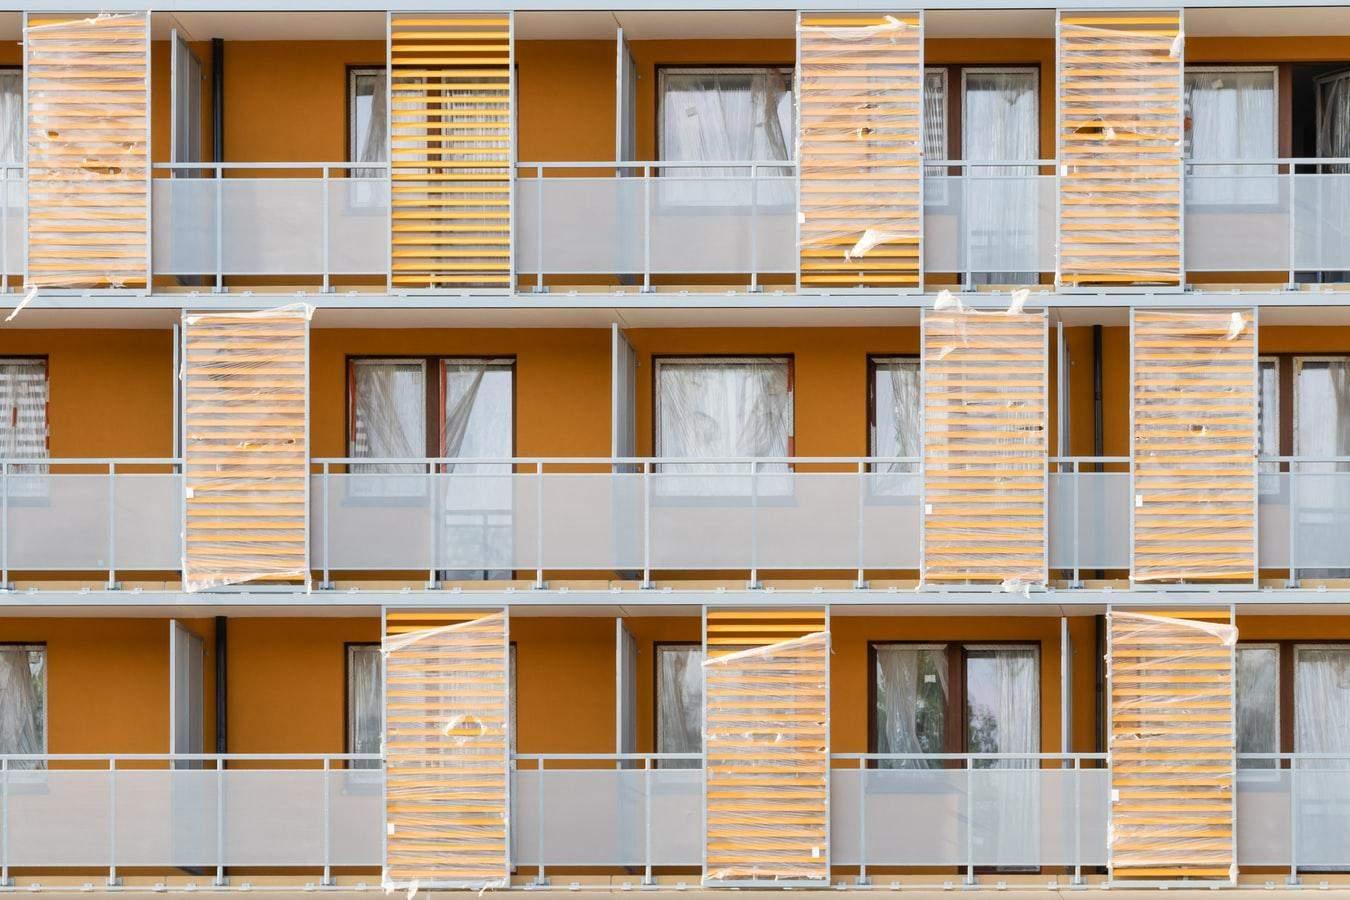 Металлопластиковые окна могут быть плохо загерметизированы